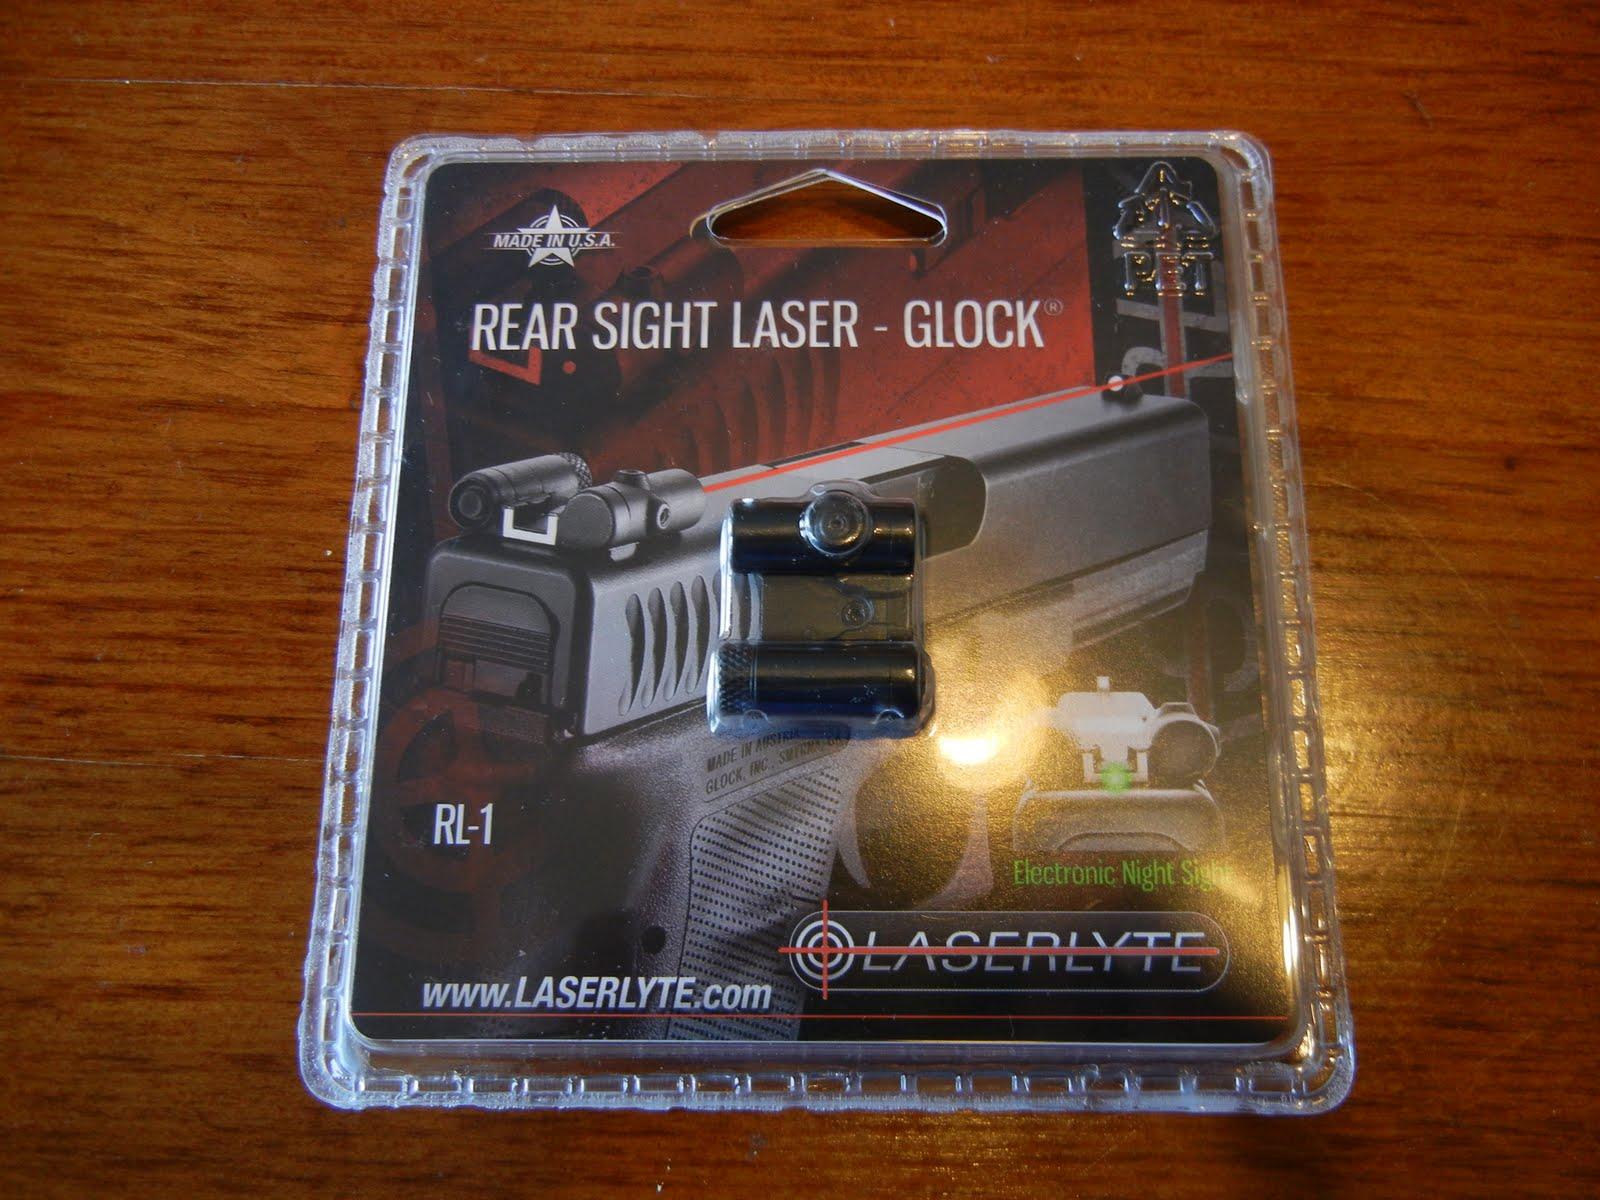 Review: LaserLyte Rear Sight Laser for Glock - Gunmart Blog